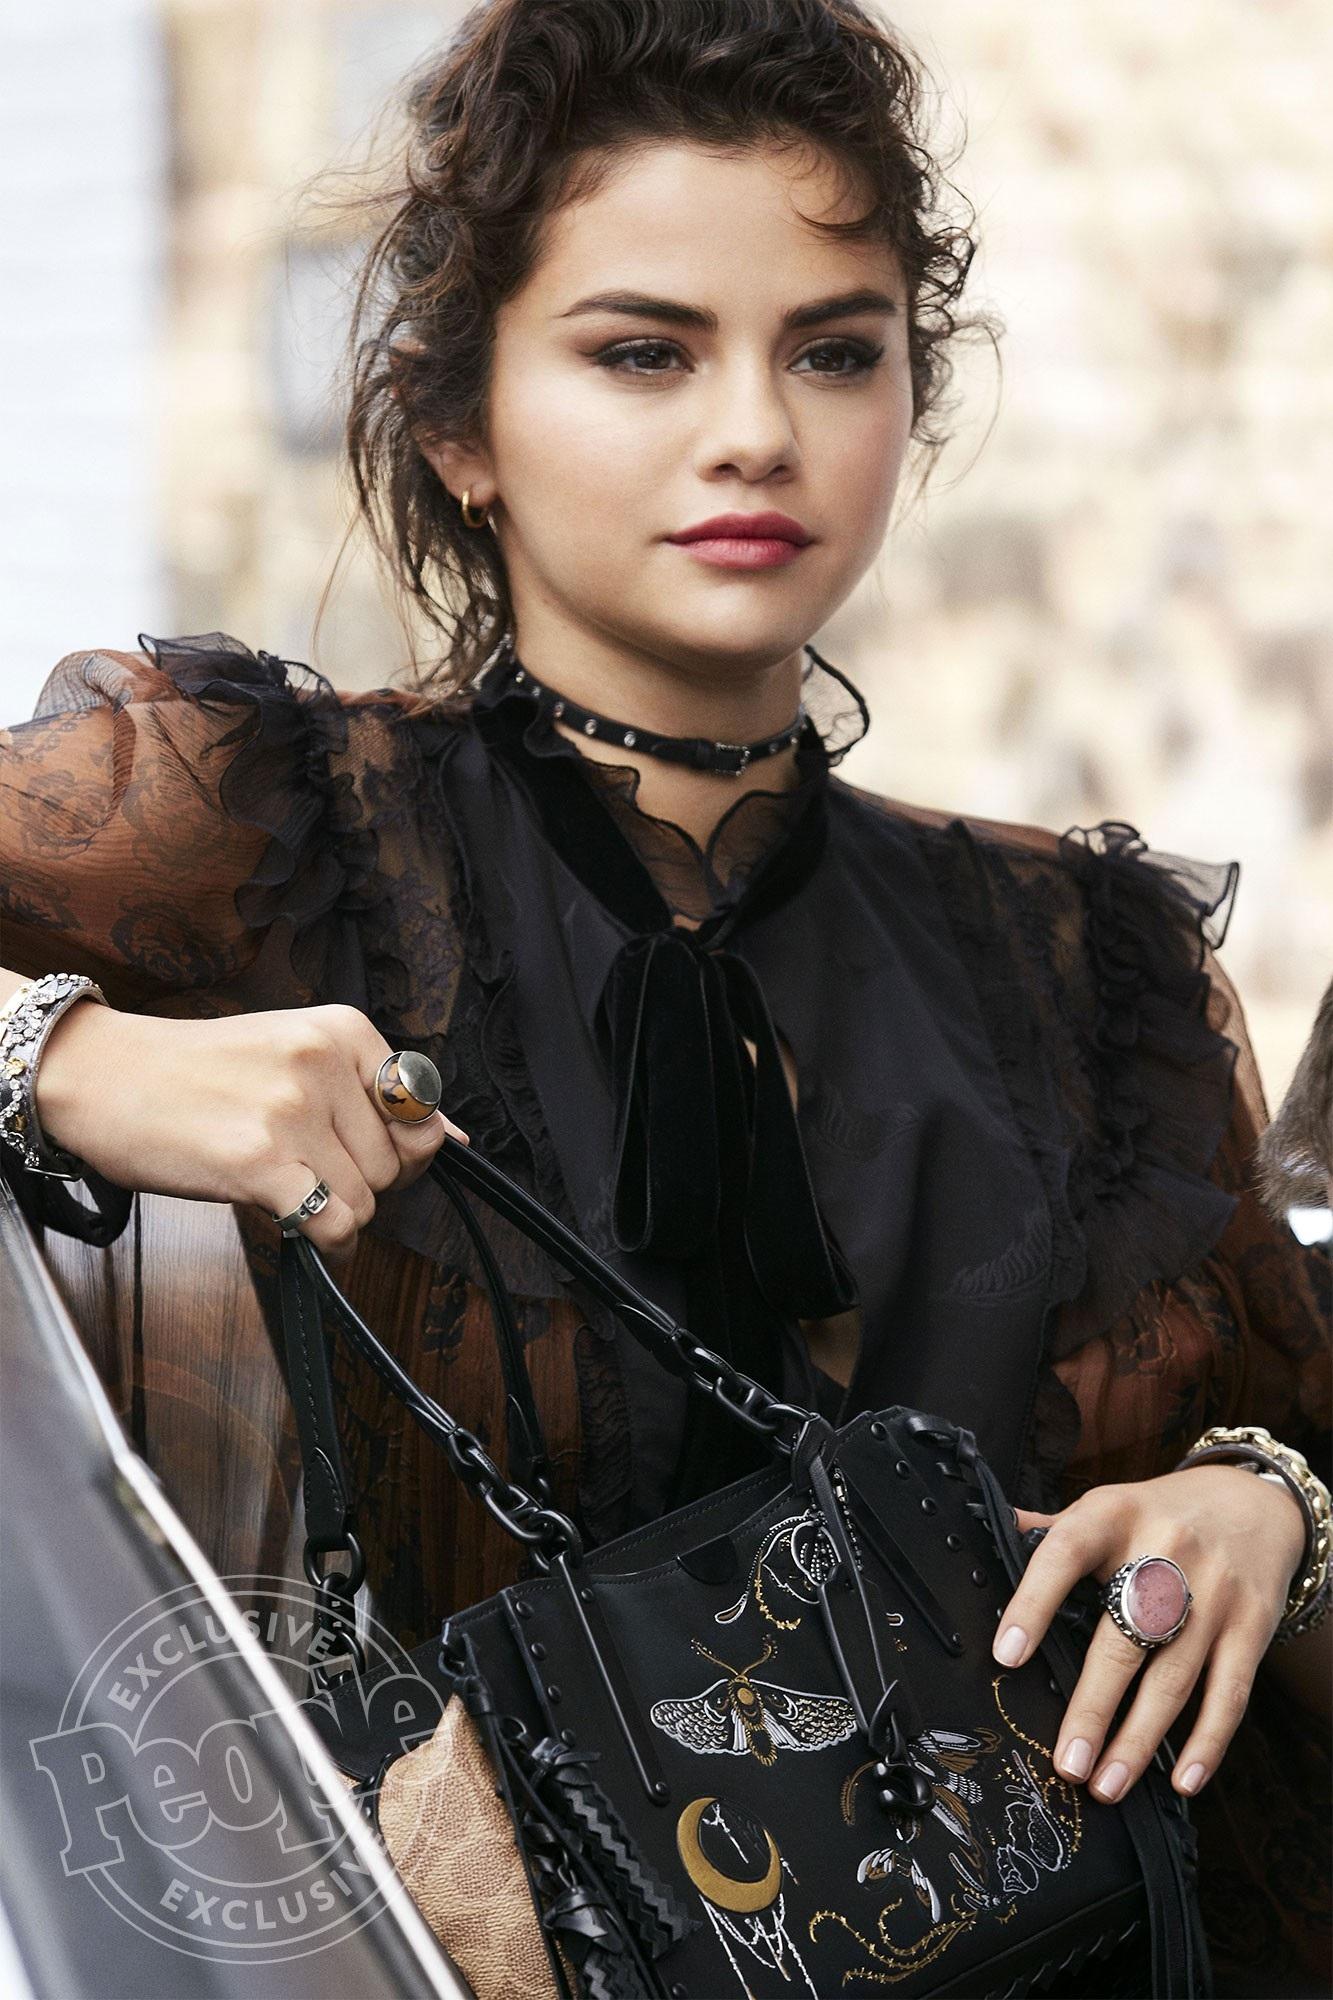 """Yêu nhau cả thanh xuân, tại sao Selena và Justin không thể là """"định mệnh chung cuộc""""? - Ảnh 1."""